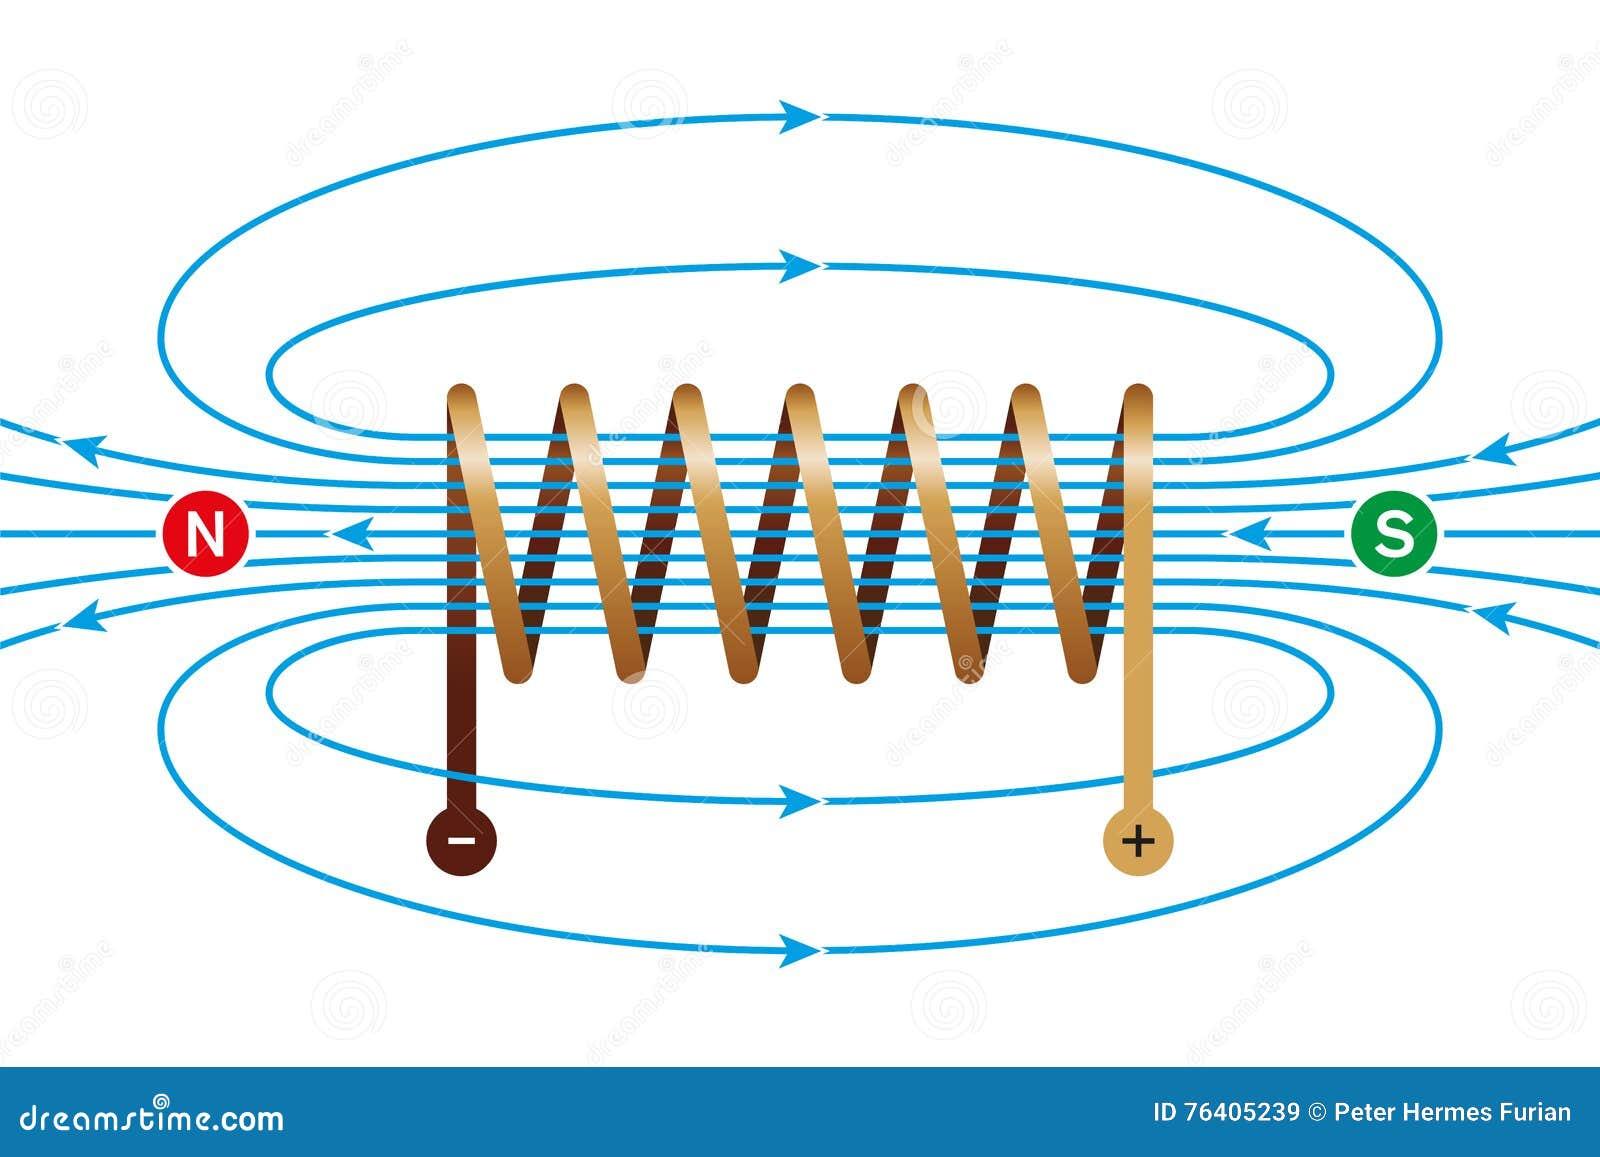 Magnetfeld Einer Gegenwärtig-tragenden Spule Vektor Abbildung ...